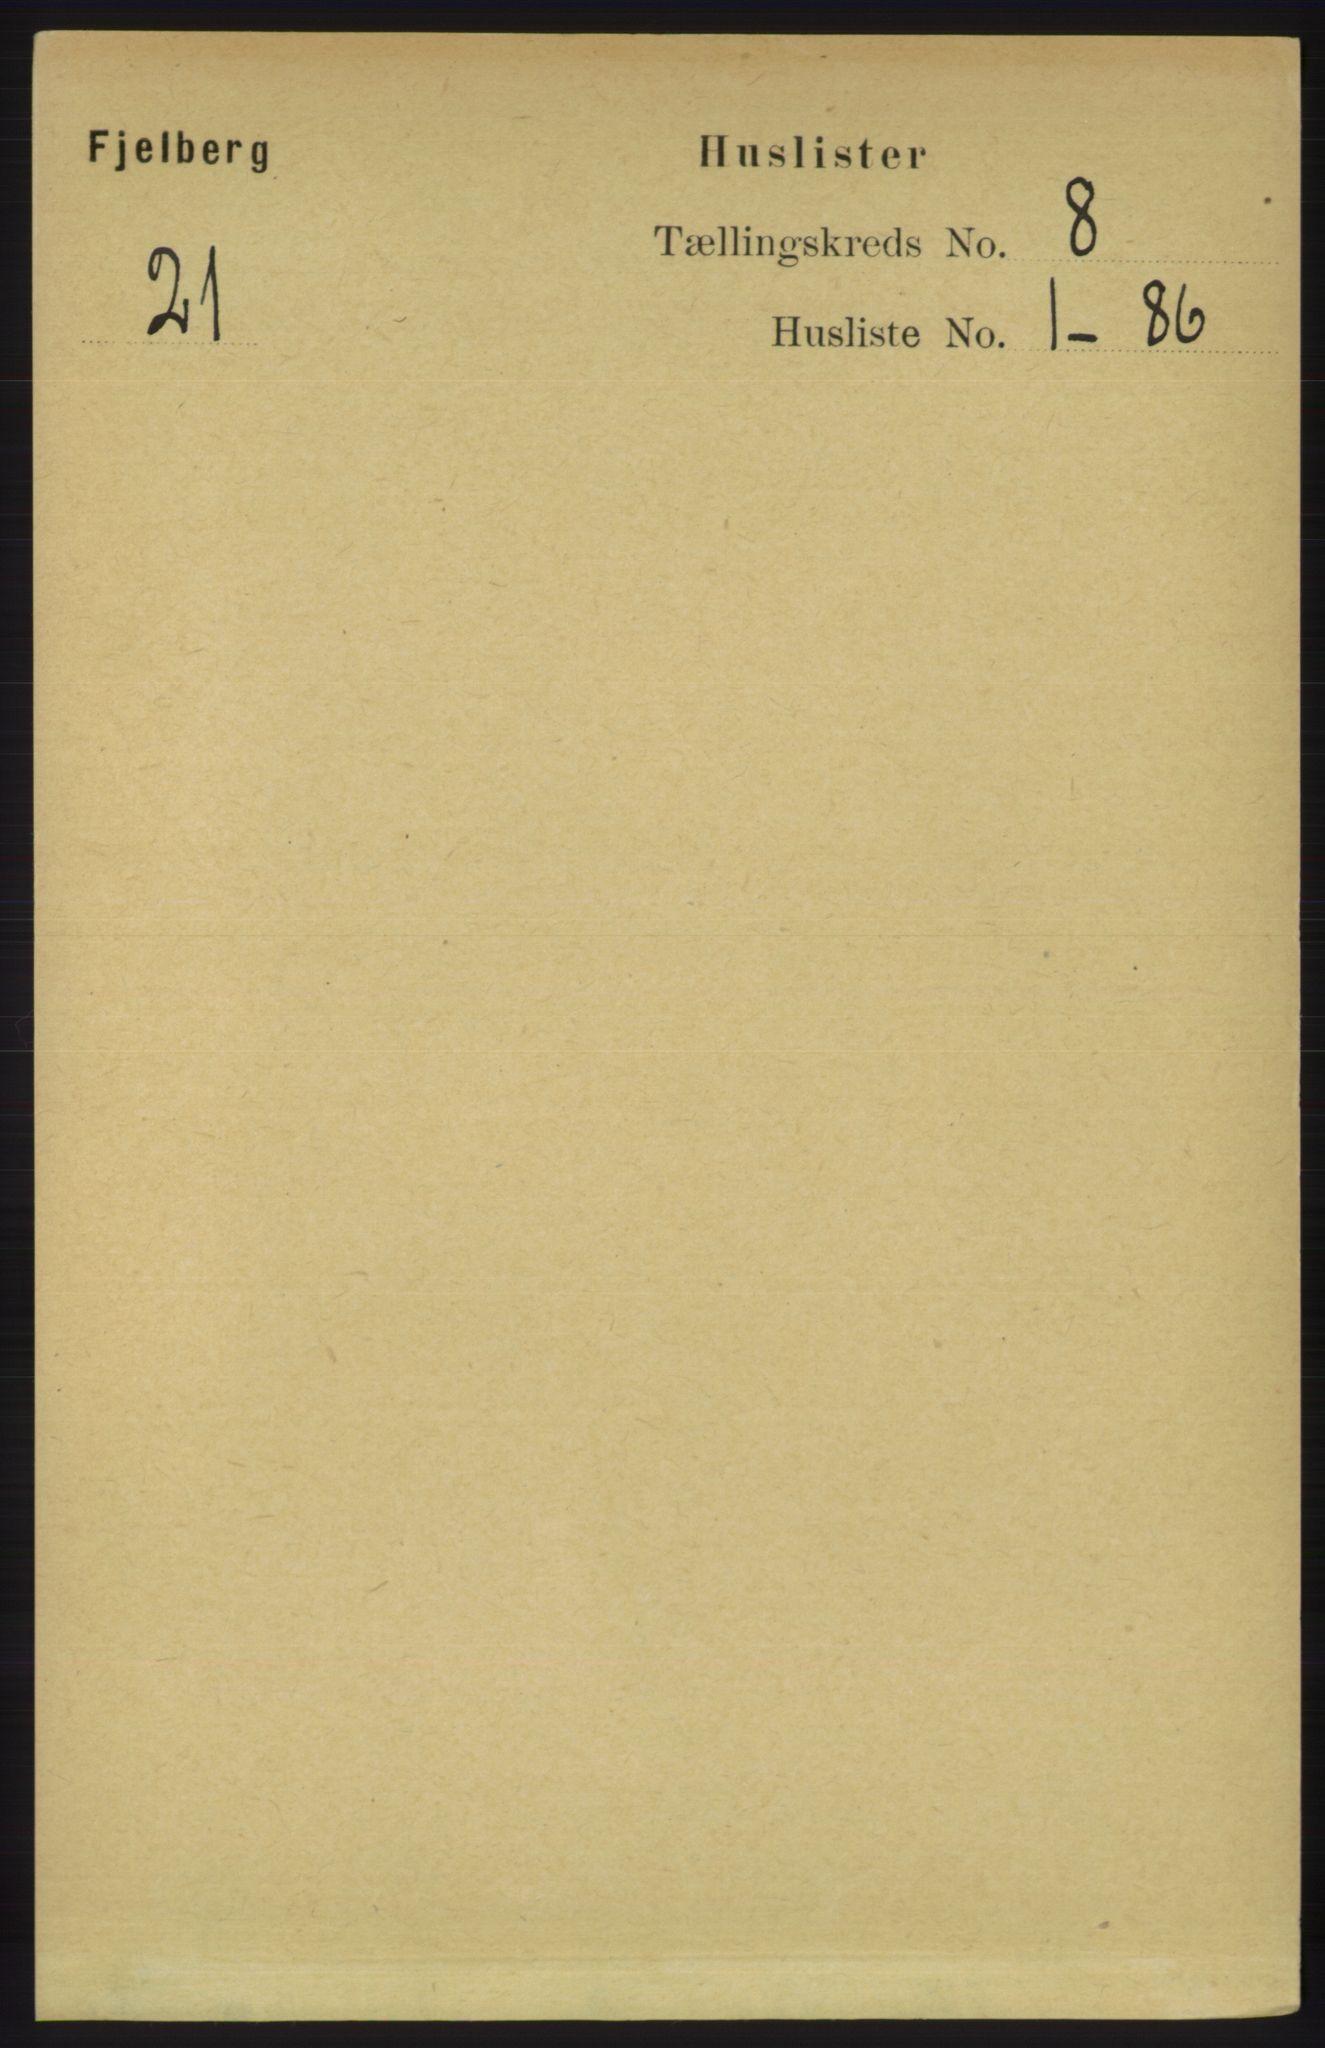 RA, Folketelling 1891 for 1213 Fjelberg herred, 1891, s. 2868